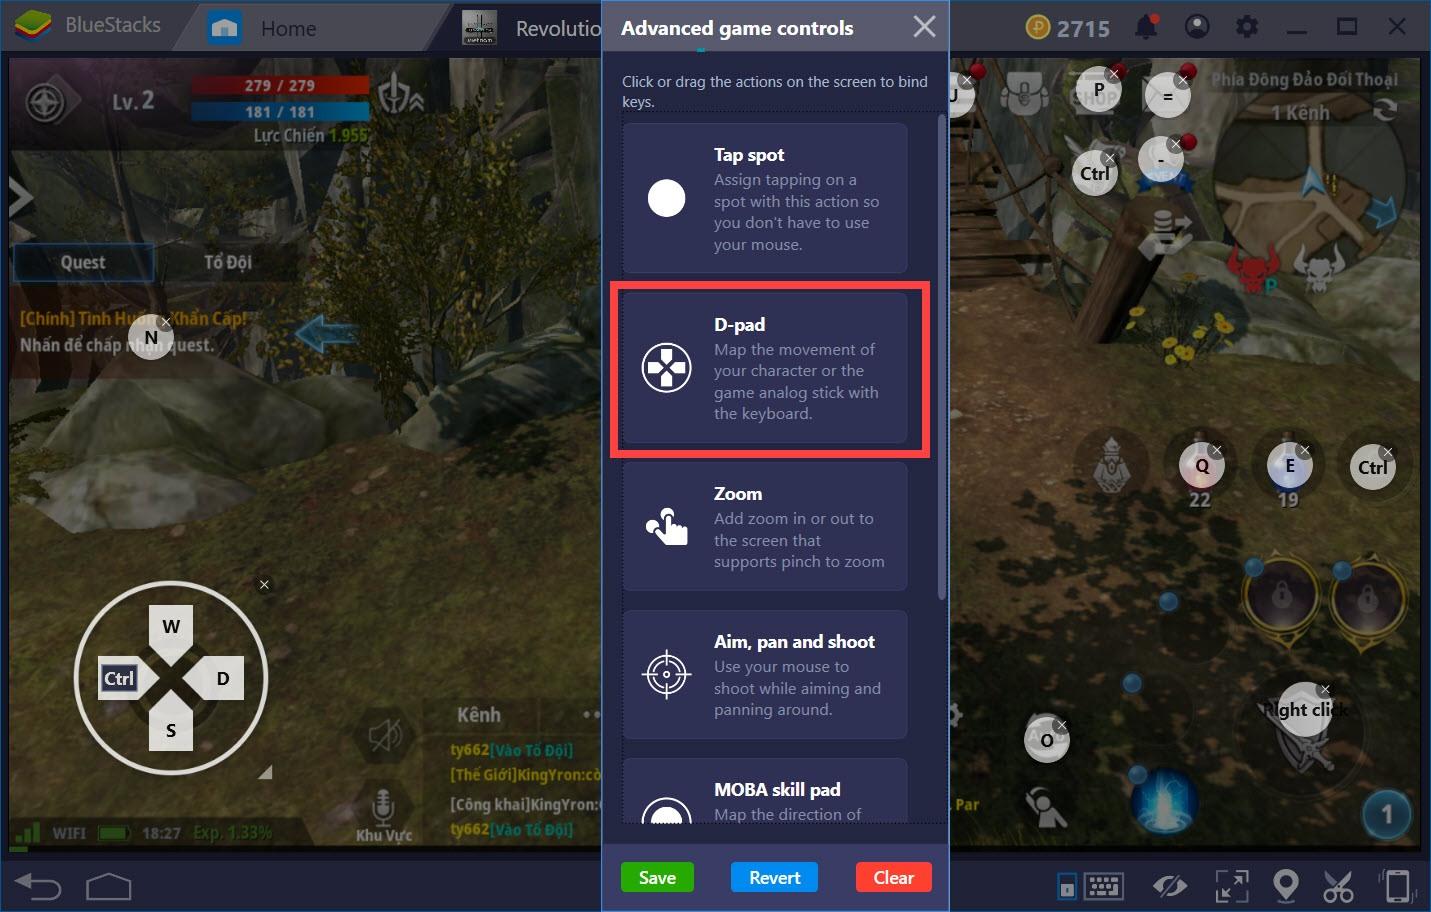 Hướng dẫn thiết lập Game controls khi chơi Lineage 2 Revolution với BlueStacks 4